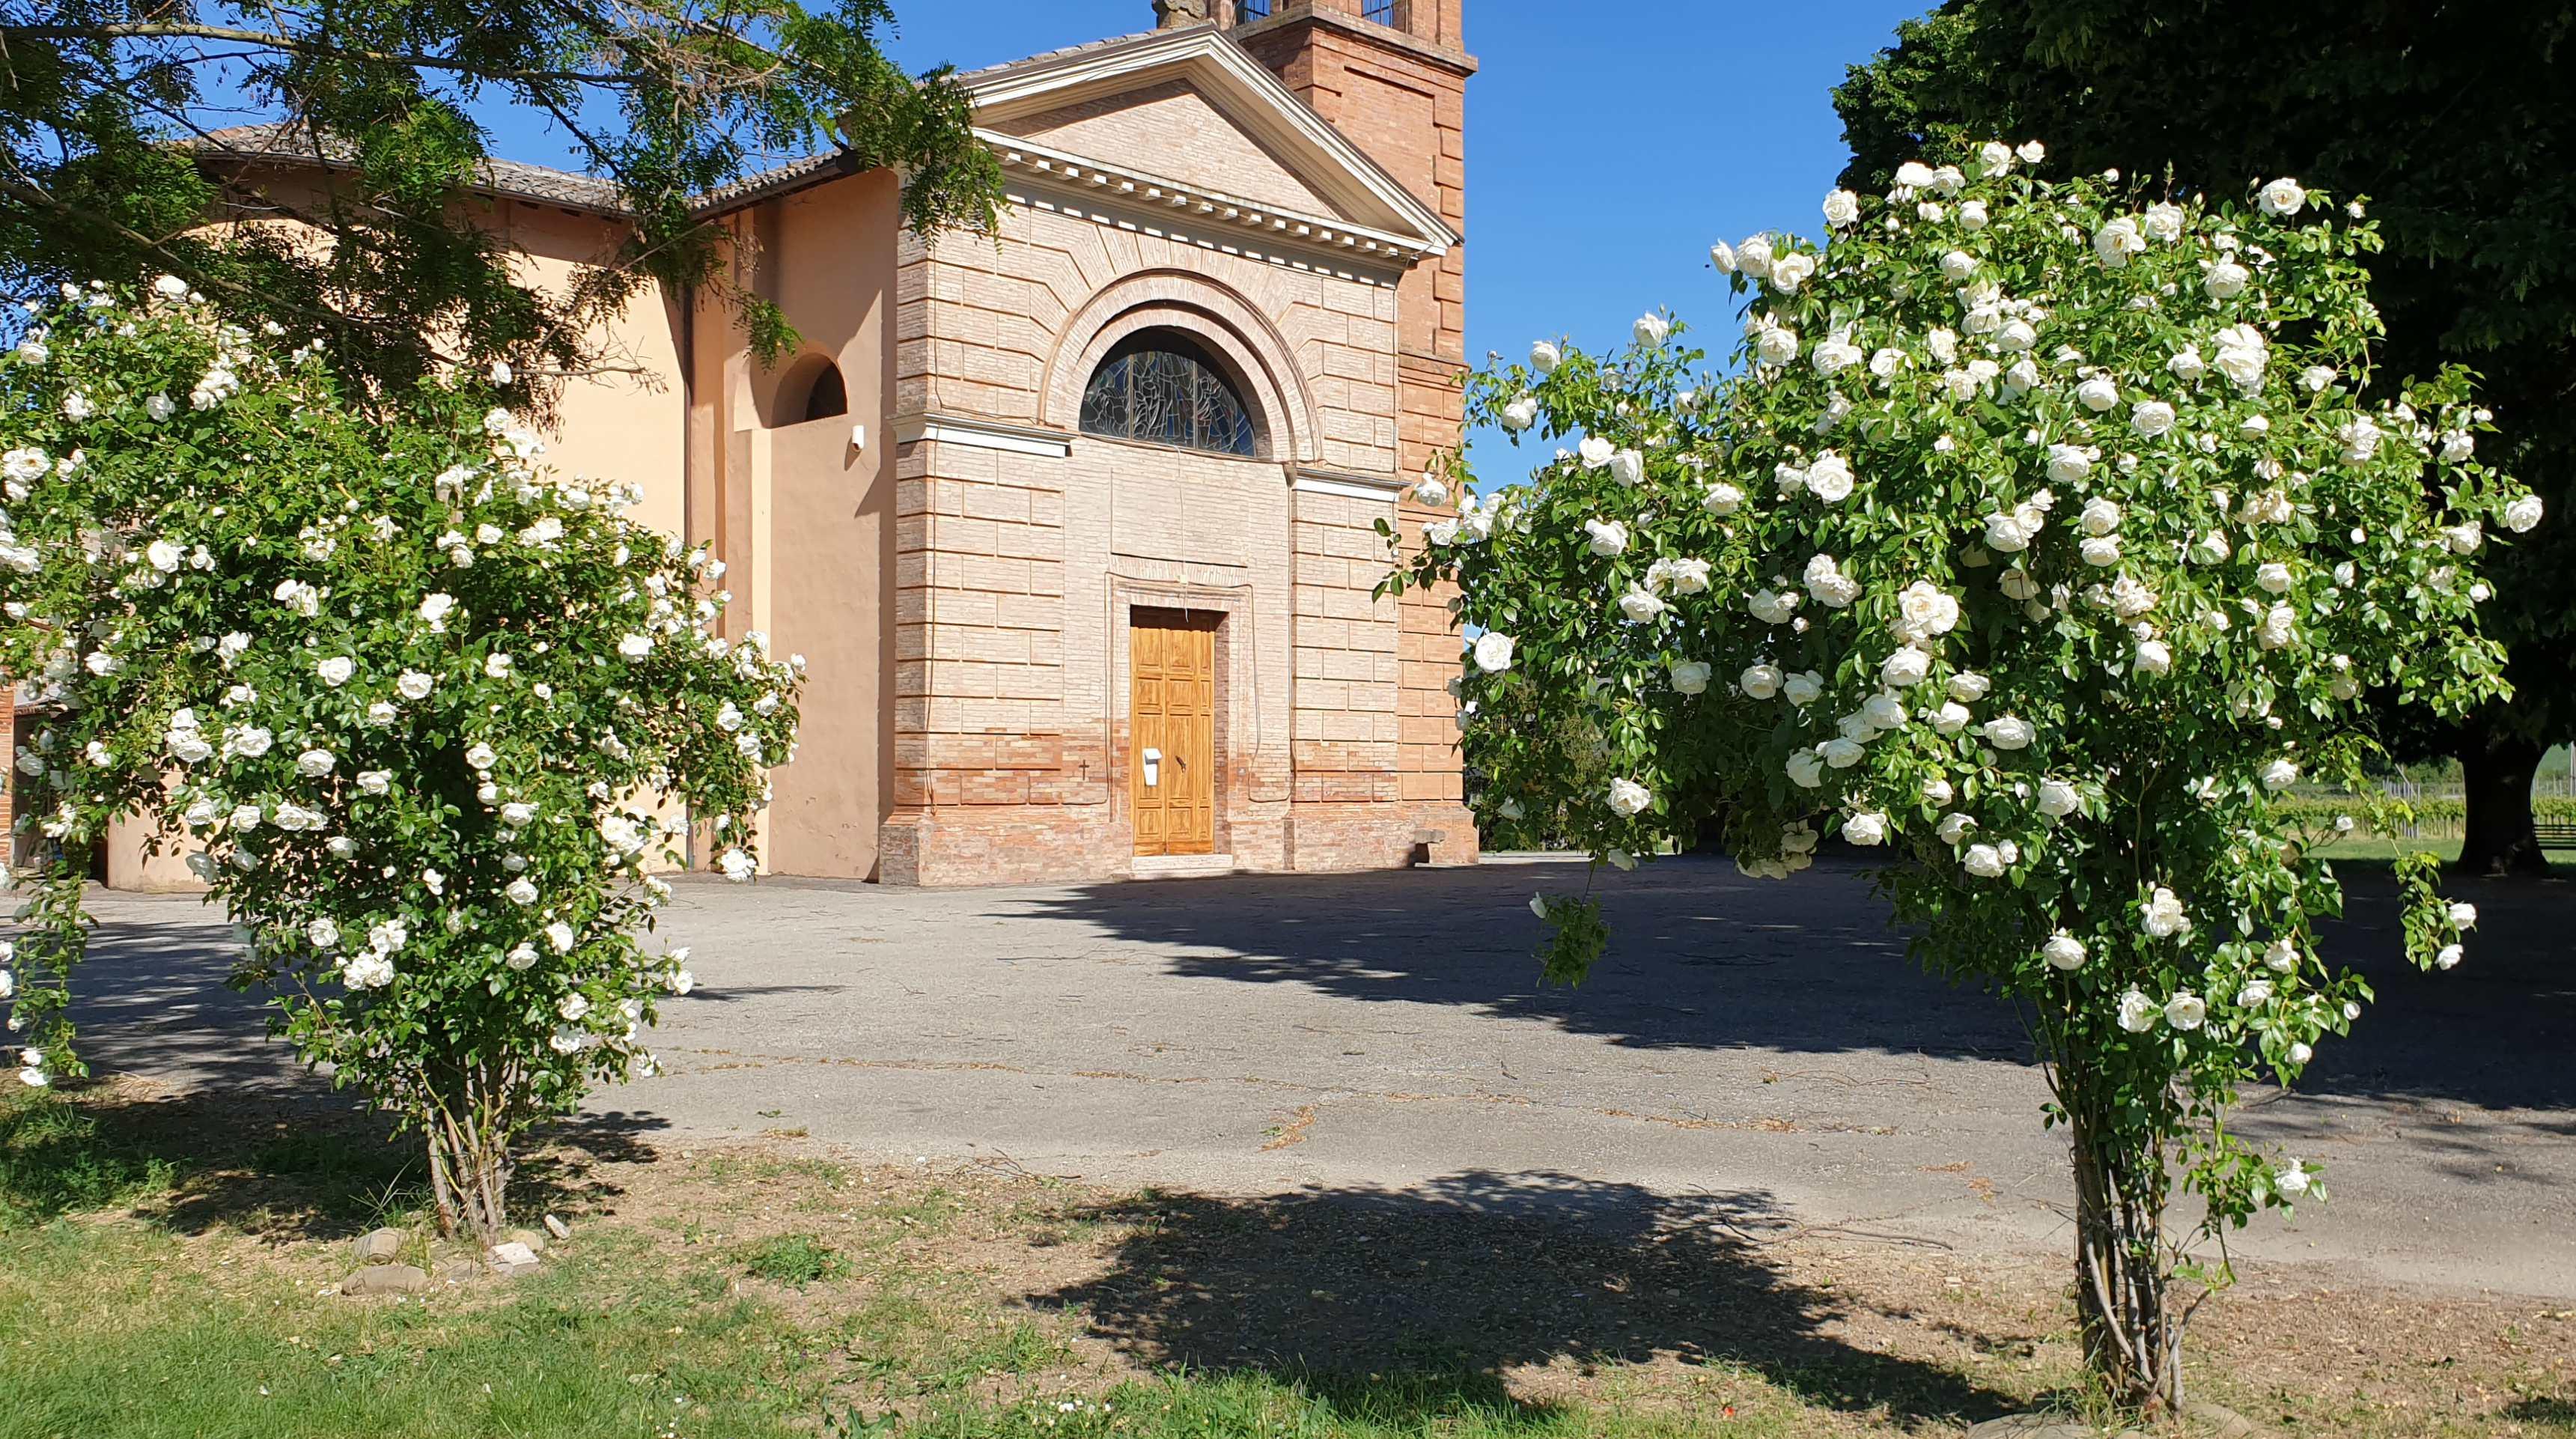 Chiesa-di-Magliano